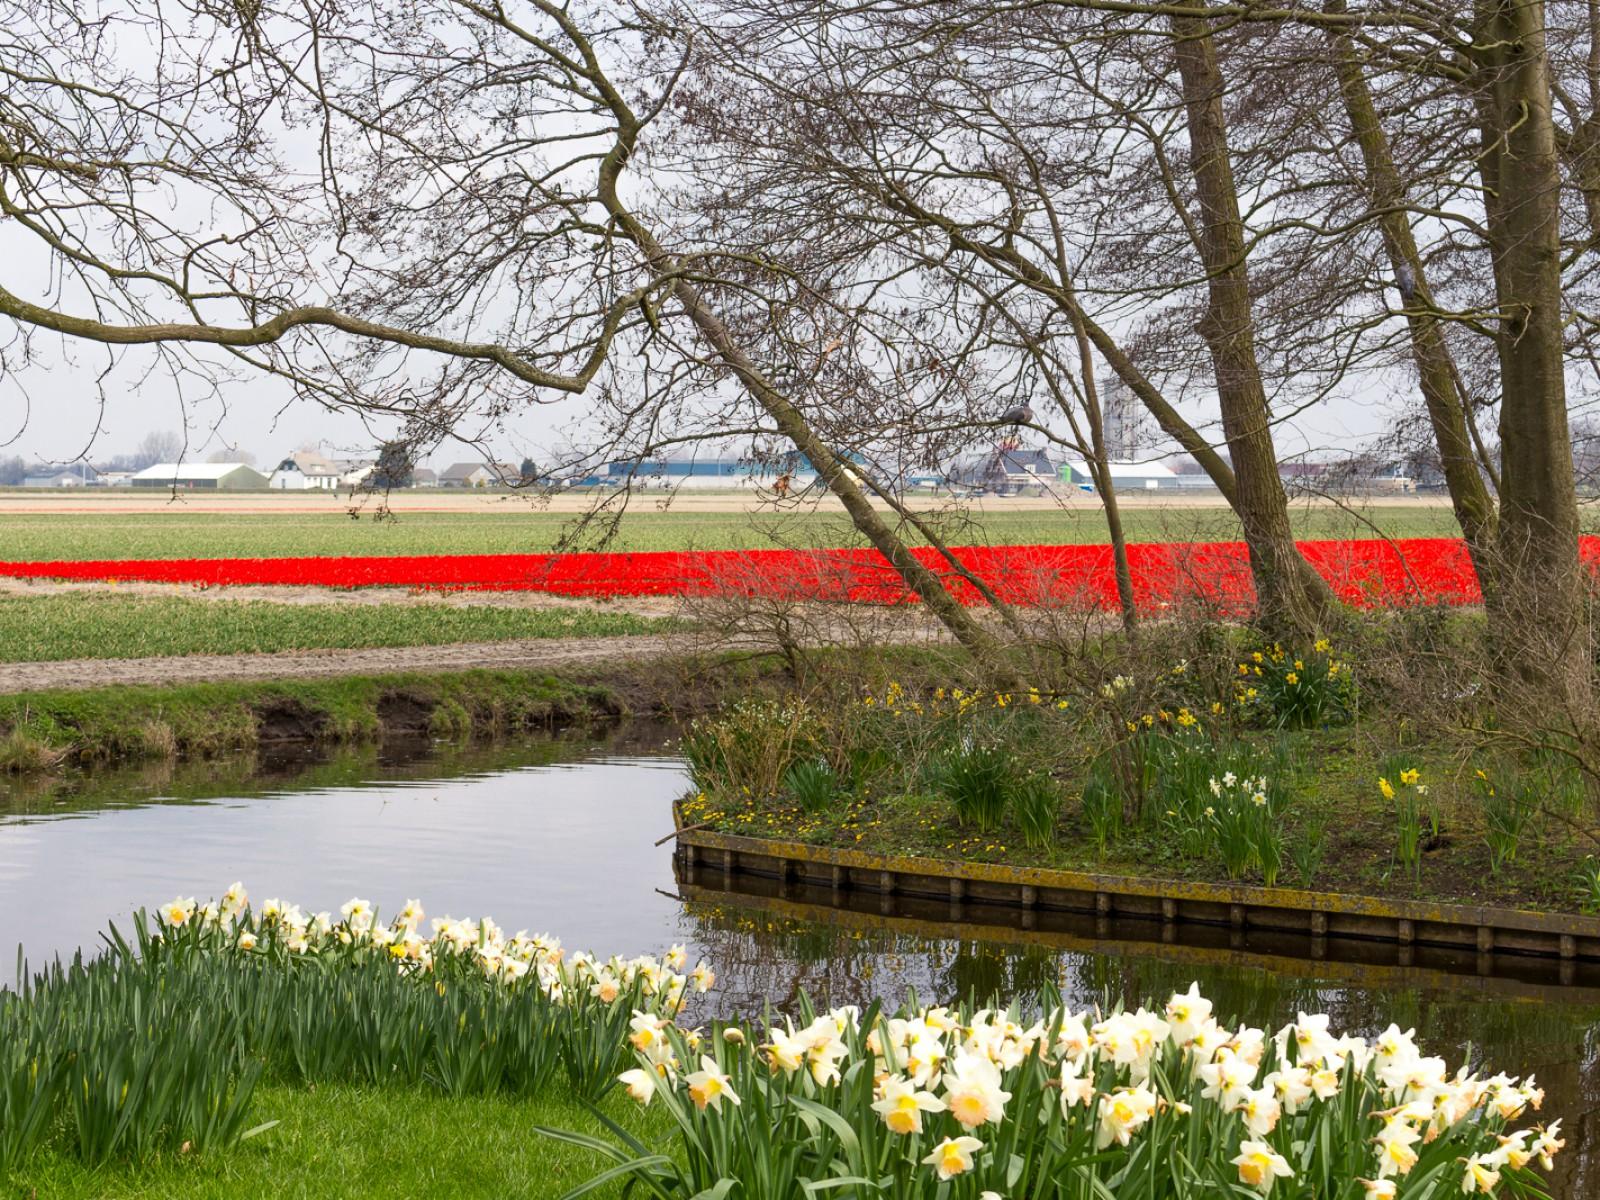 niederlande_noordwijk_keukenhof_reiseblog-2809